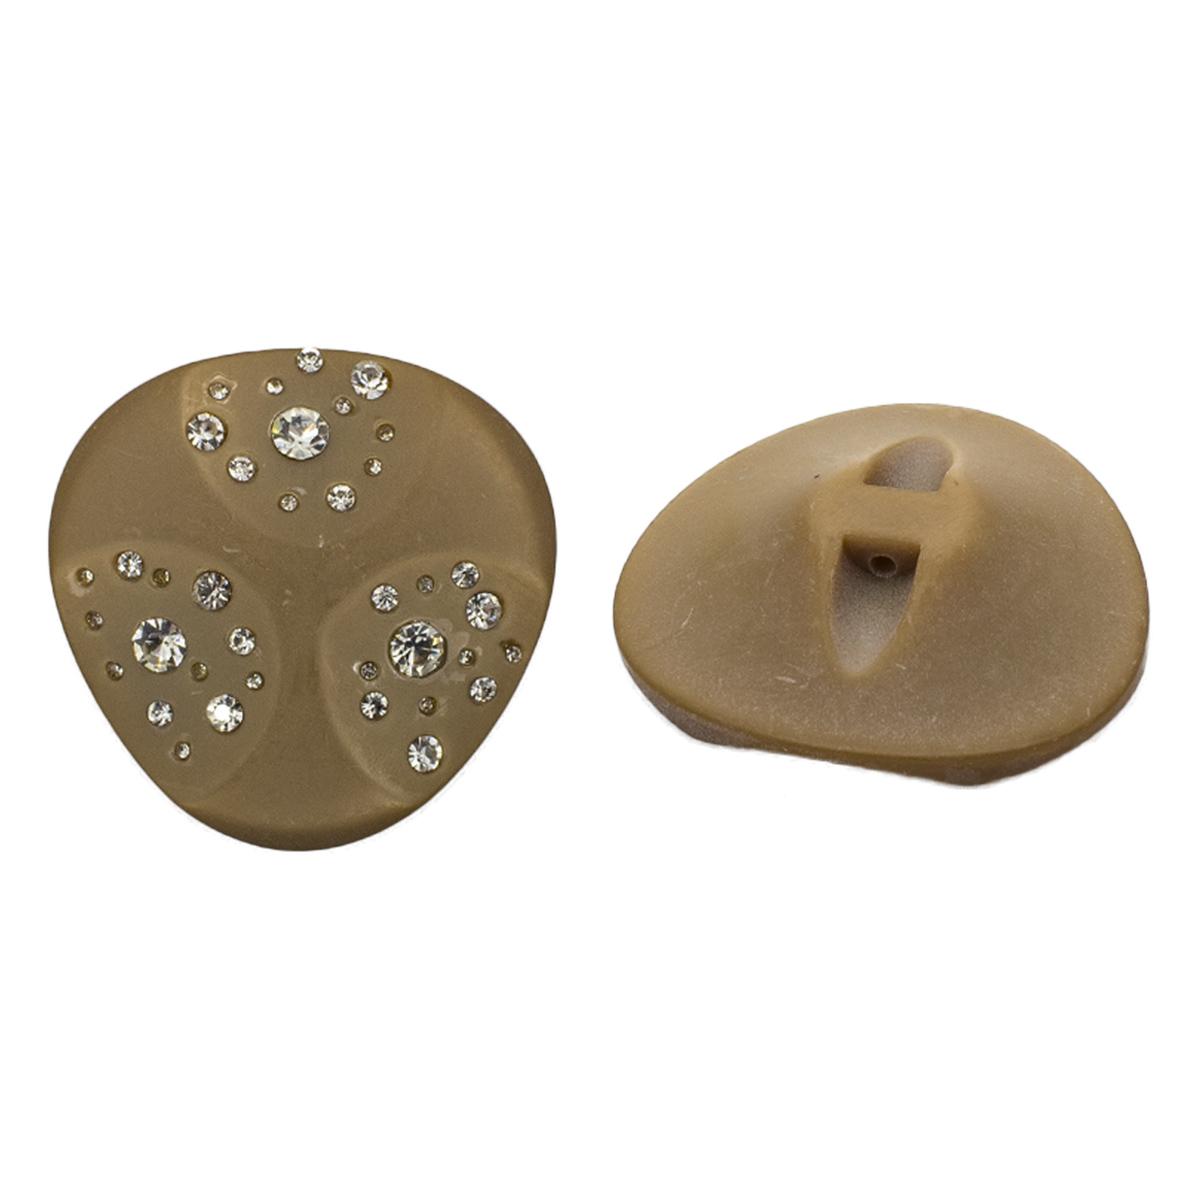 Пуговица пальтовая со стразами на ножке (пластик) 676415 (коричневый) фото